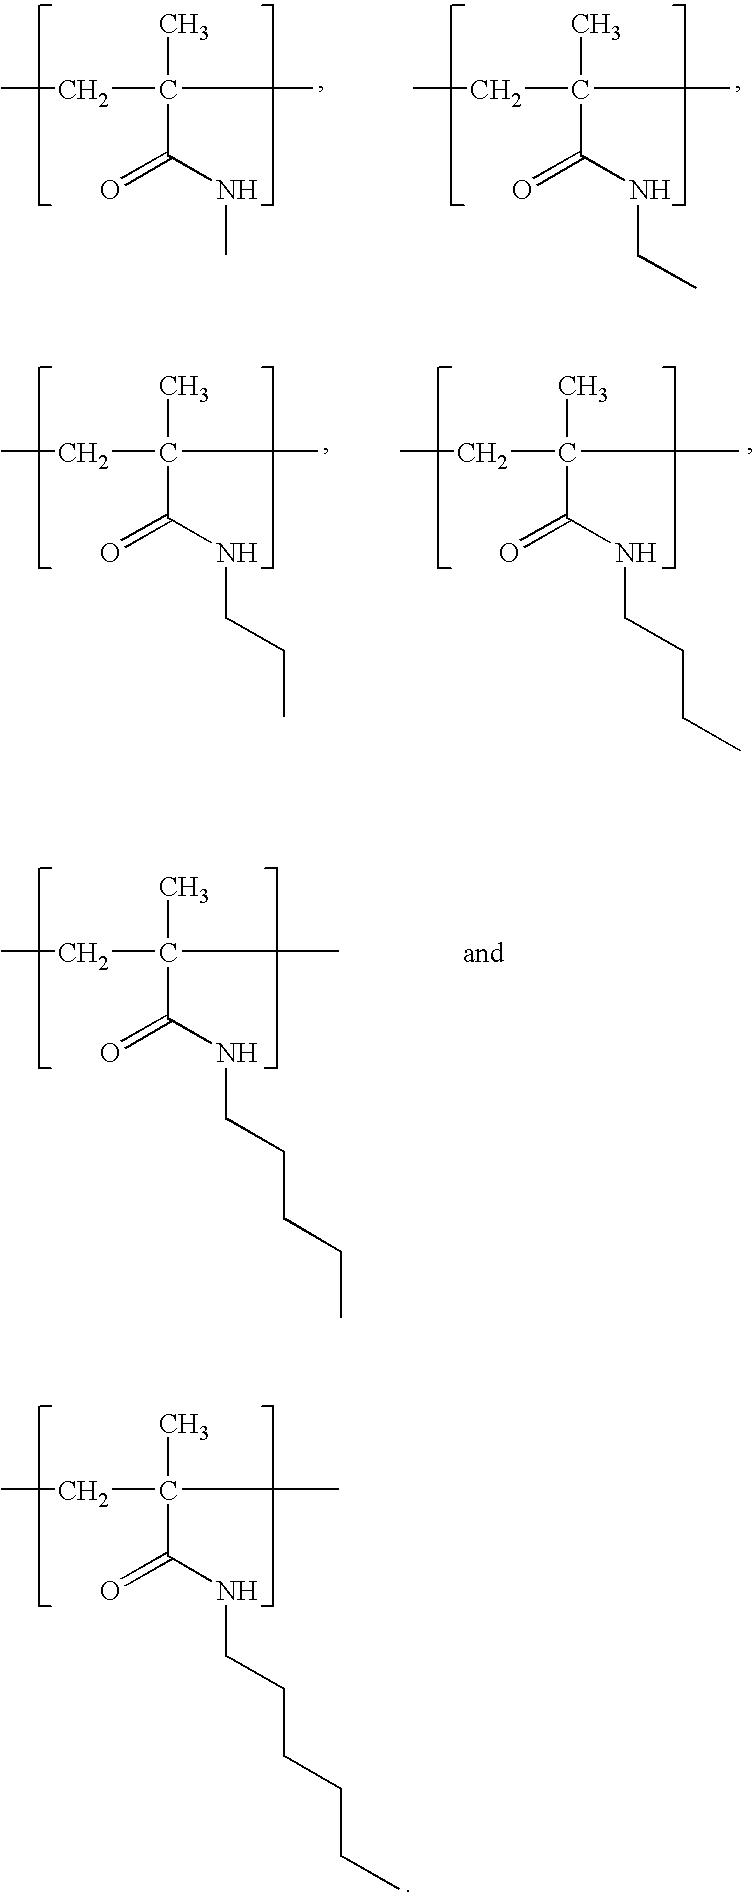 Figure US07935131-20110503-C00068